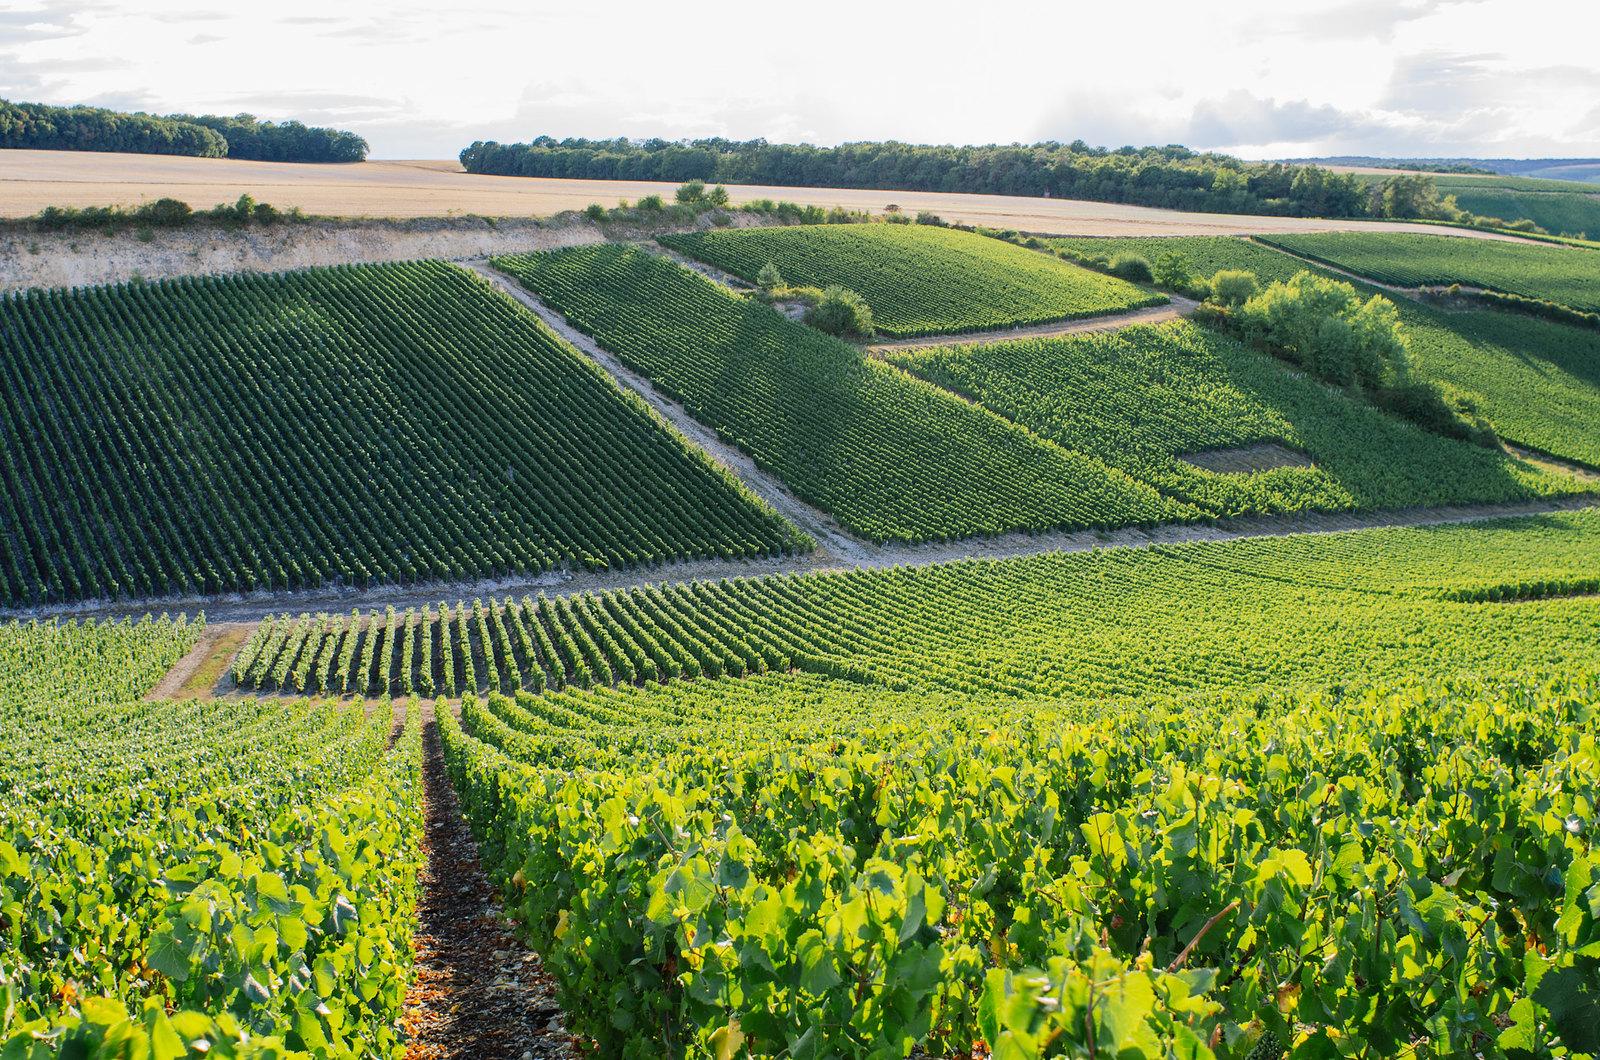 À l'abbaye de Clairvaux, tourisme carcéral - Les vignes de l'Aube